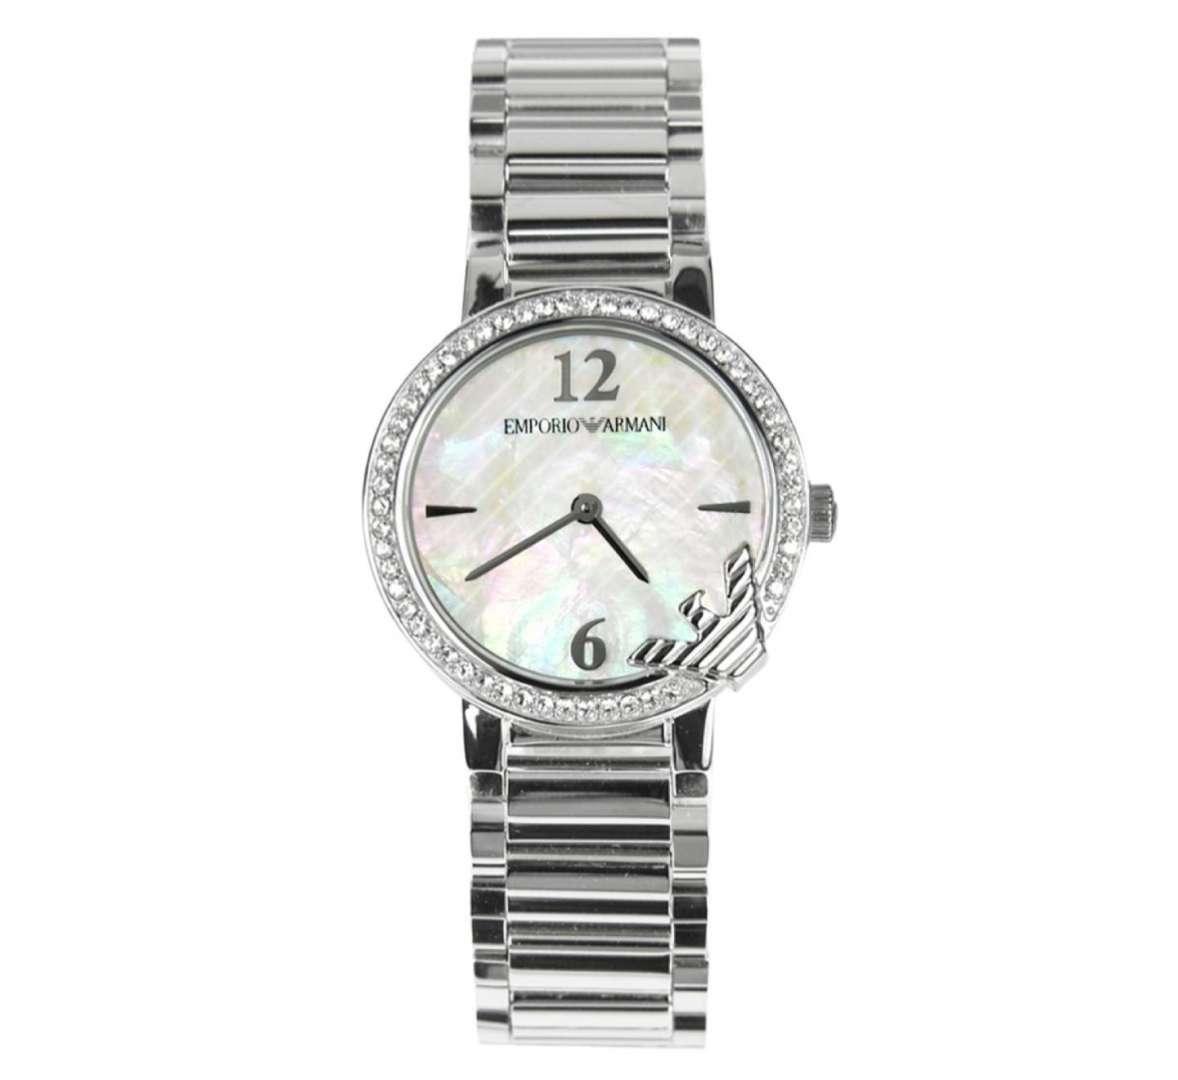 שעון יד אנלוגי לאישה emporio armani ar0746 אמפוריו ארמני